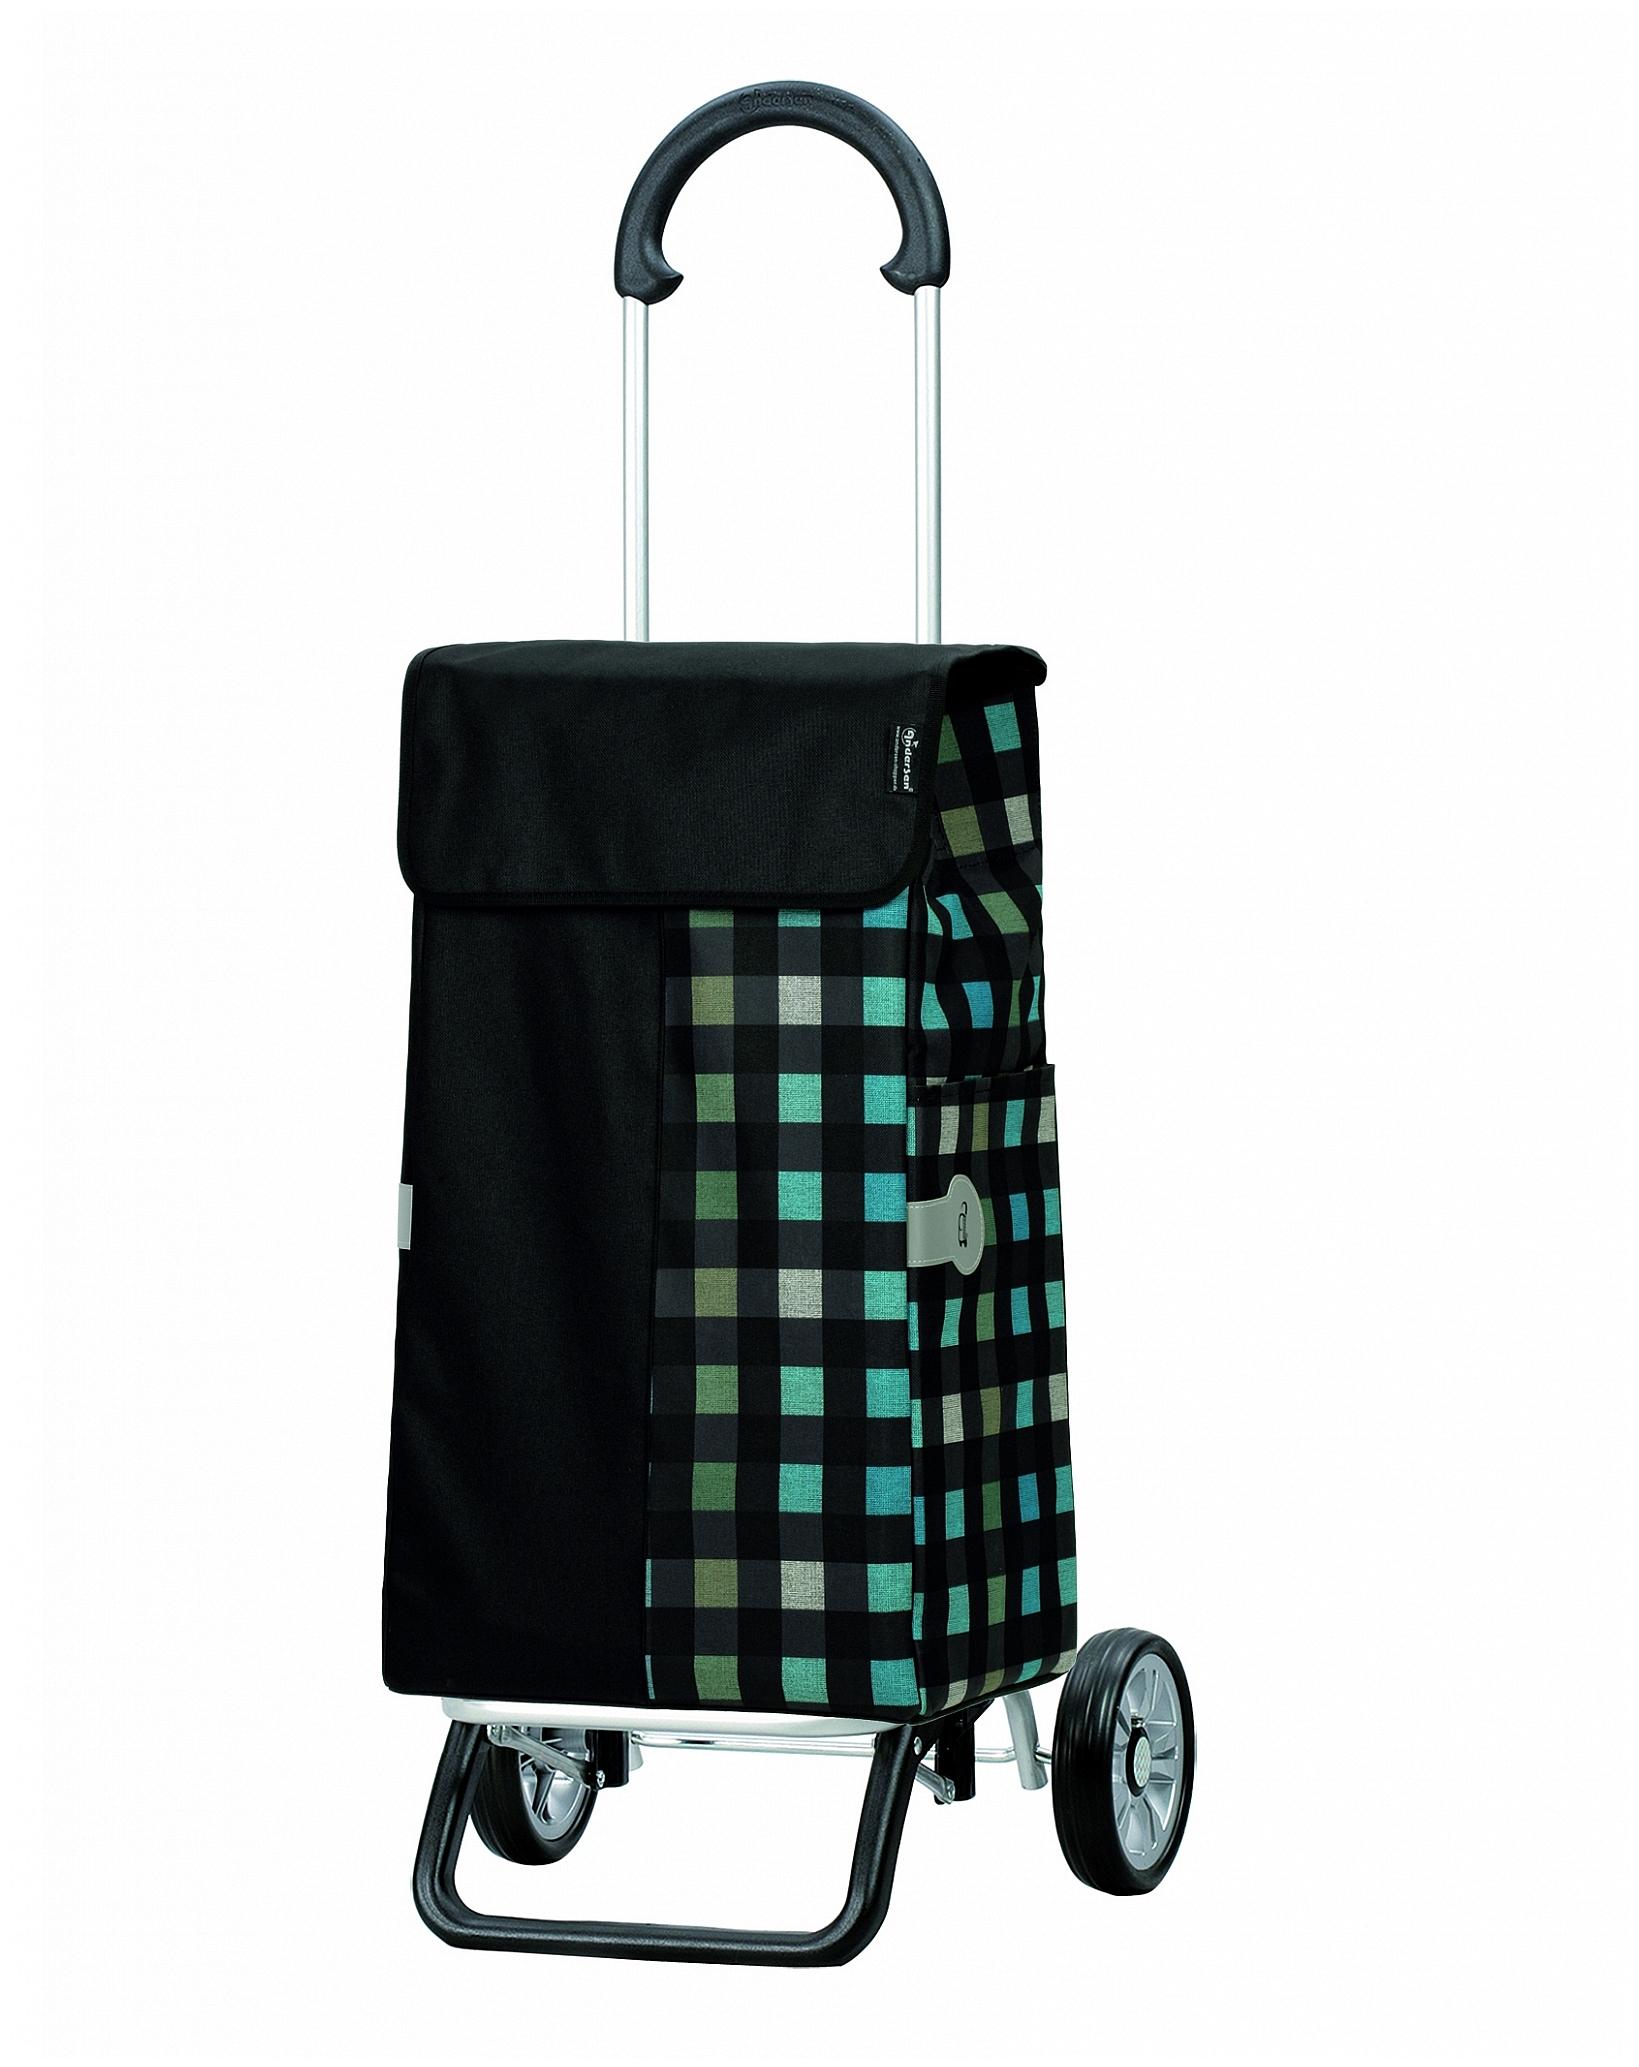 Andersen Nákupní taška na kolečkách SCALA SHOPPER® PLUS DIMI 133-111-80 černá